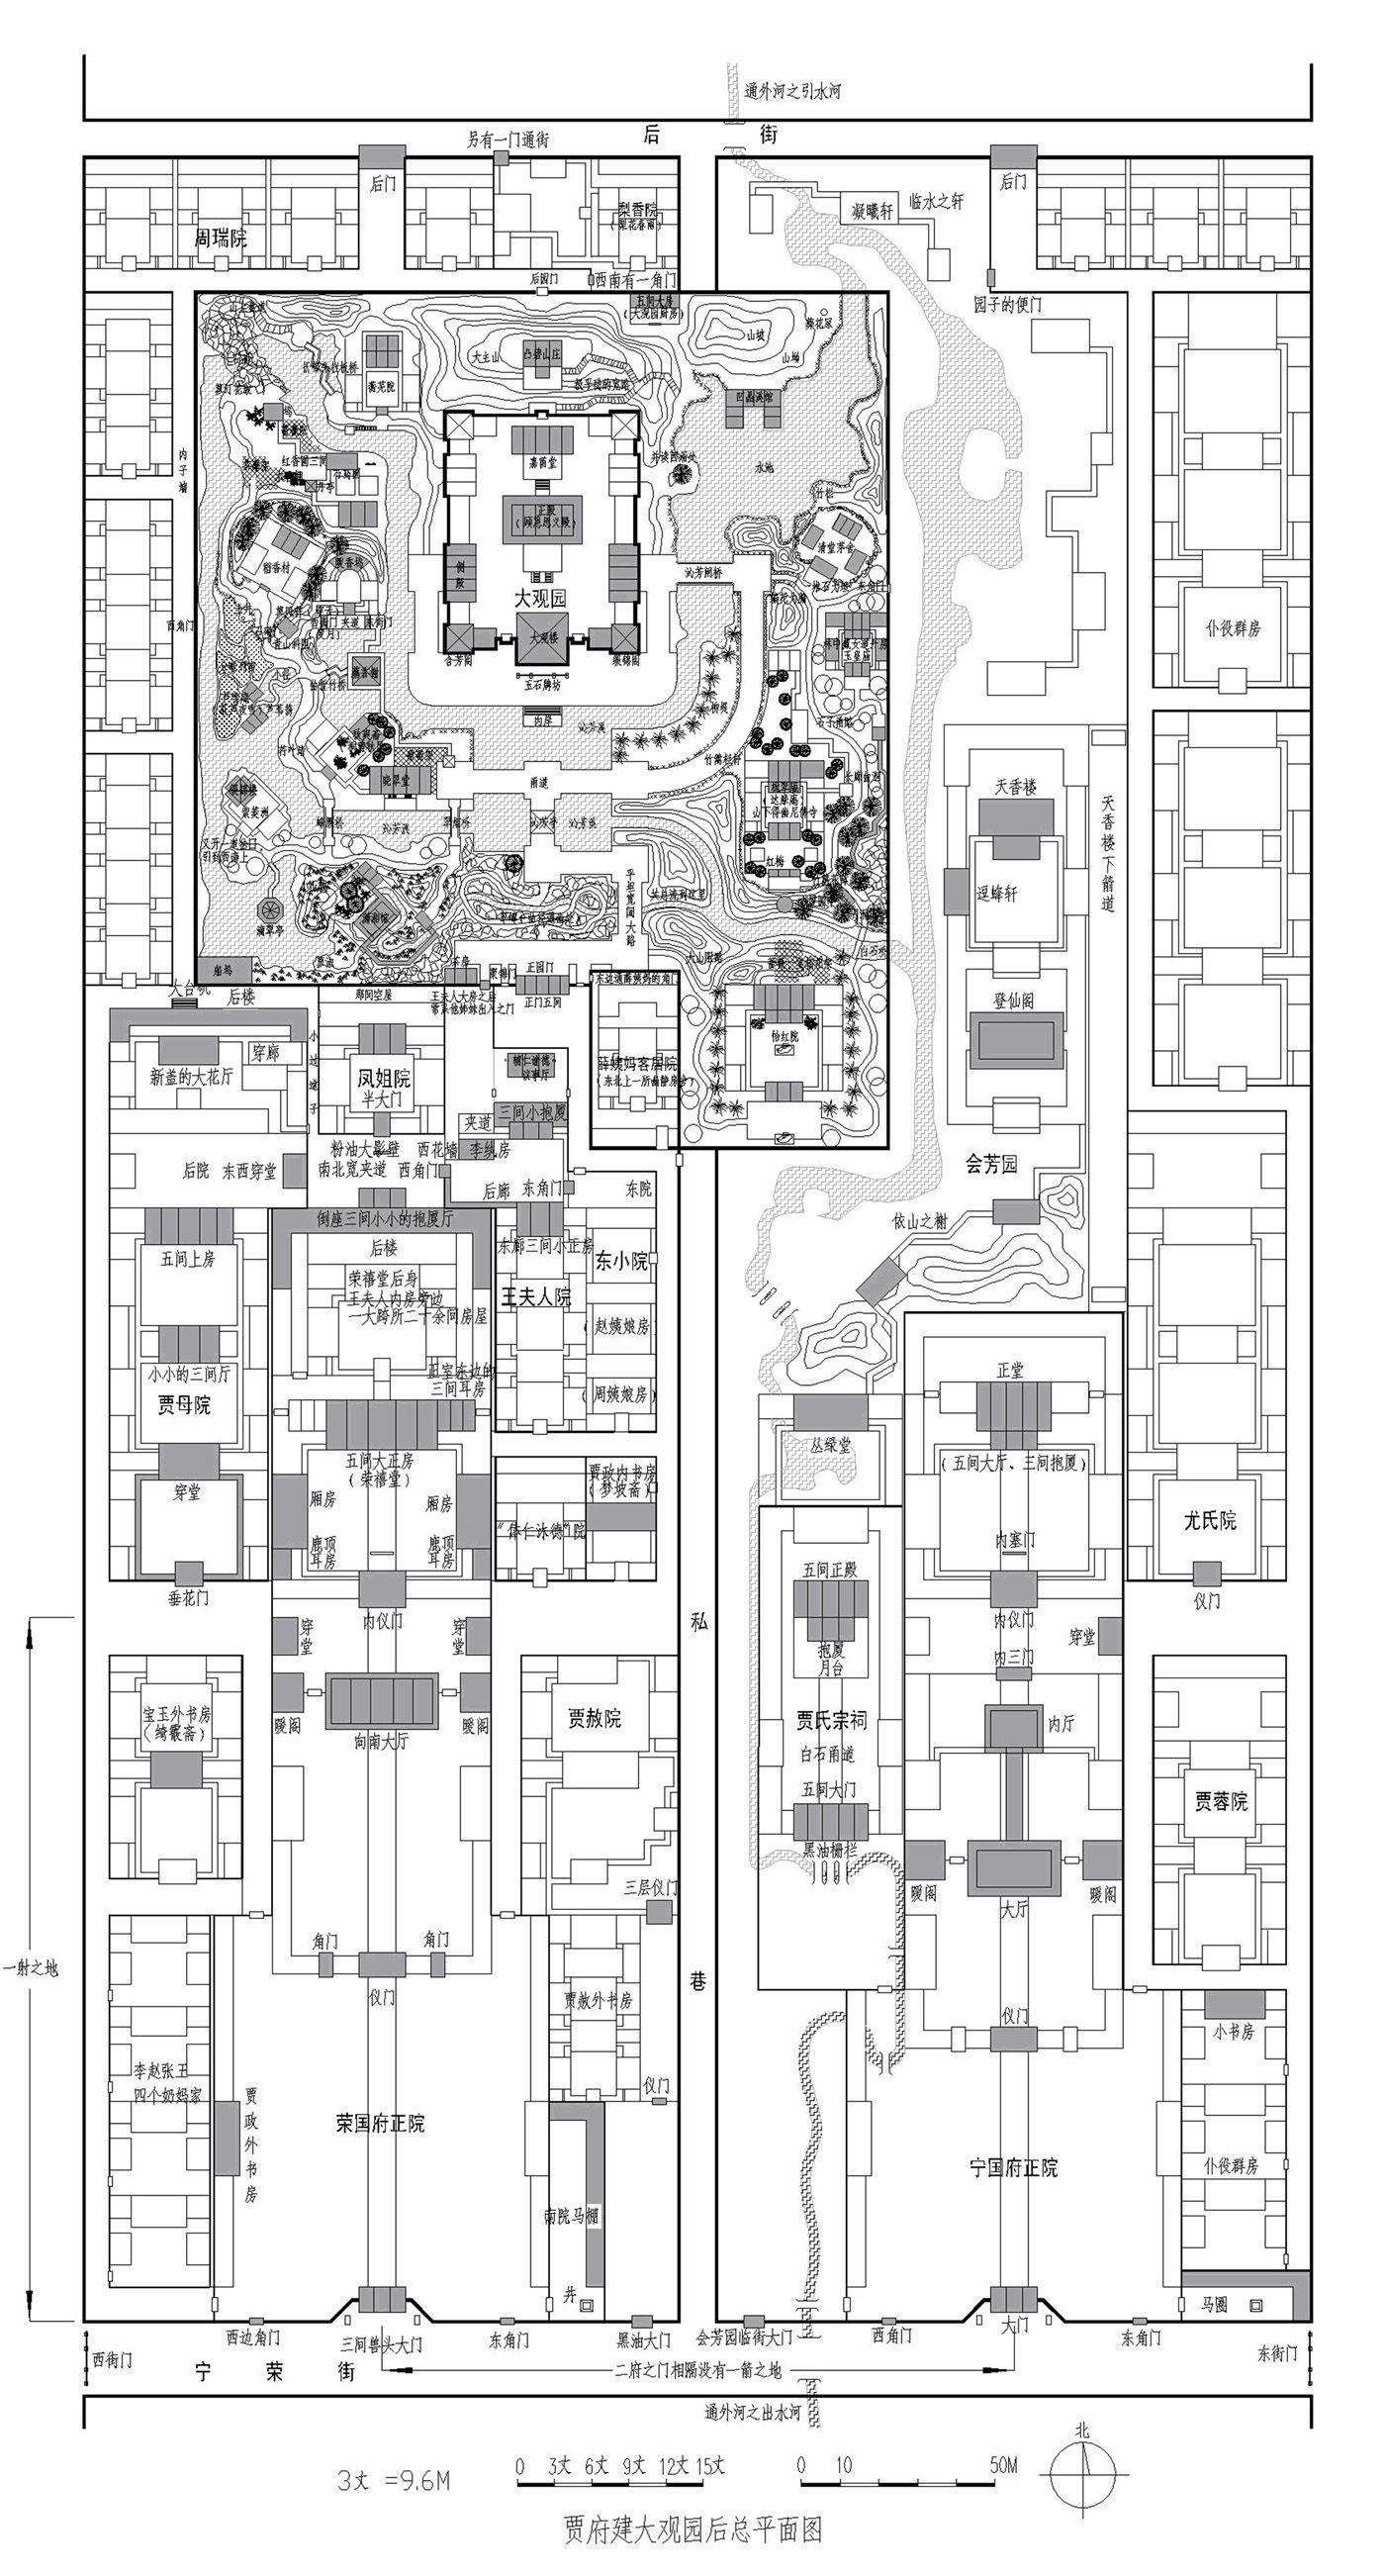 校园平面图分析